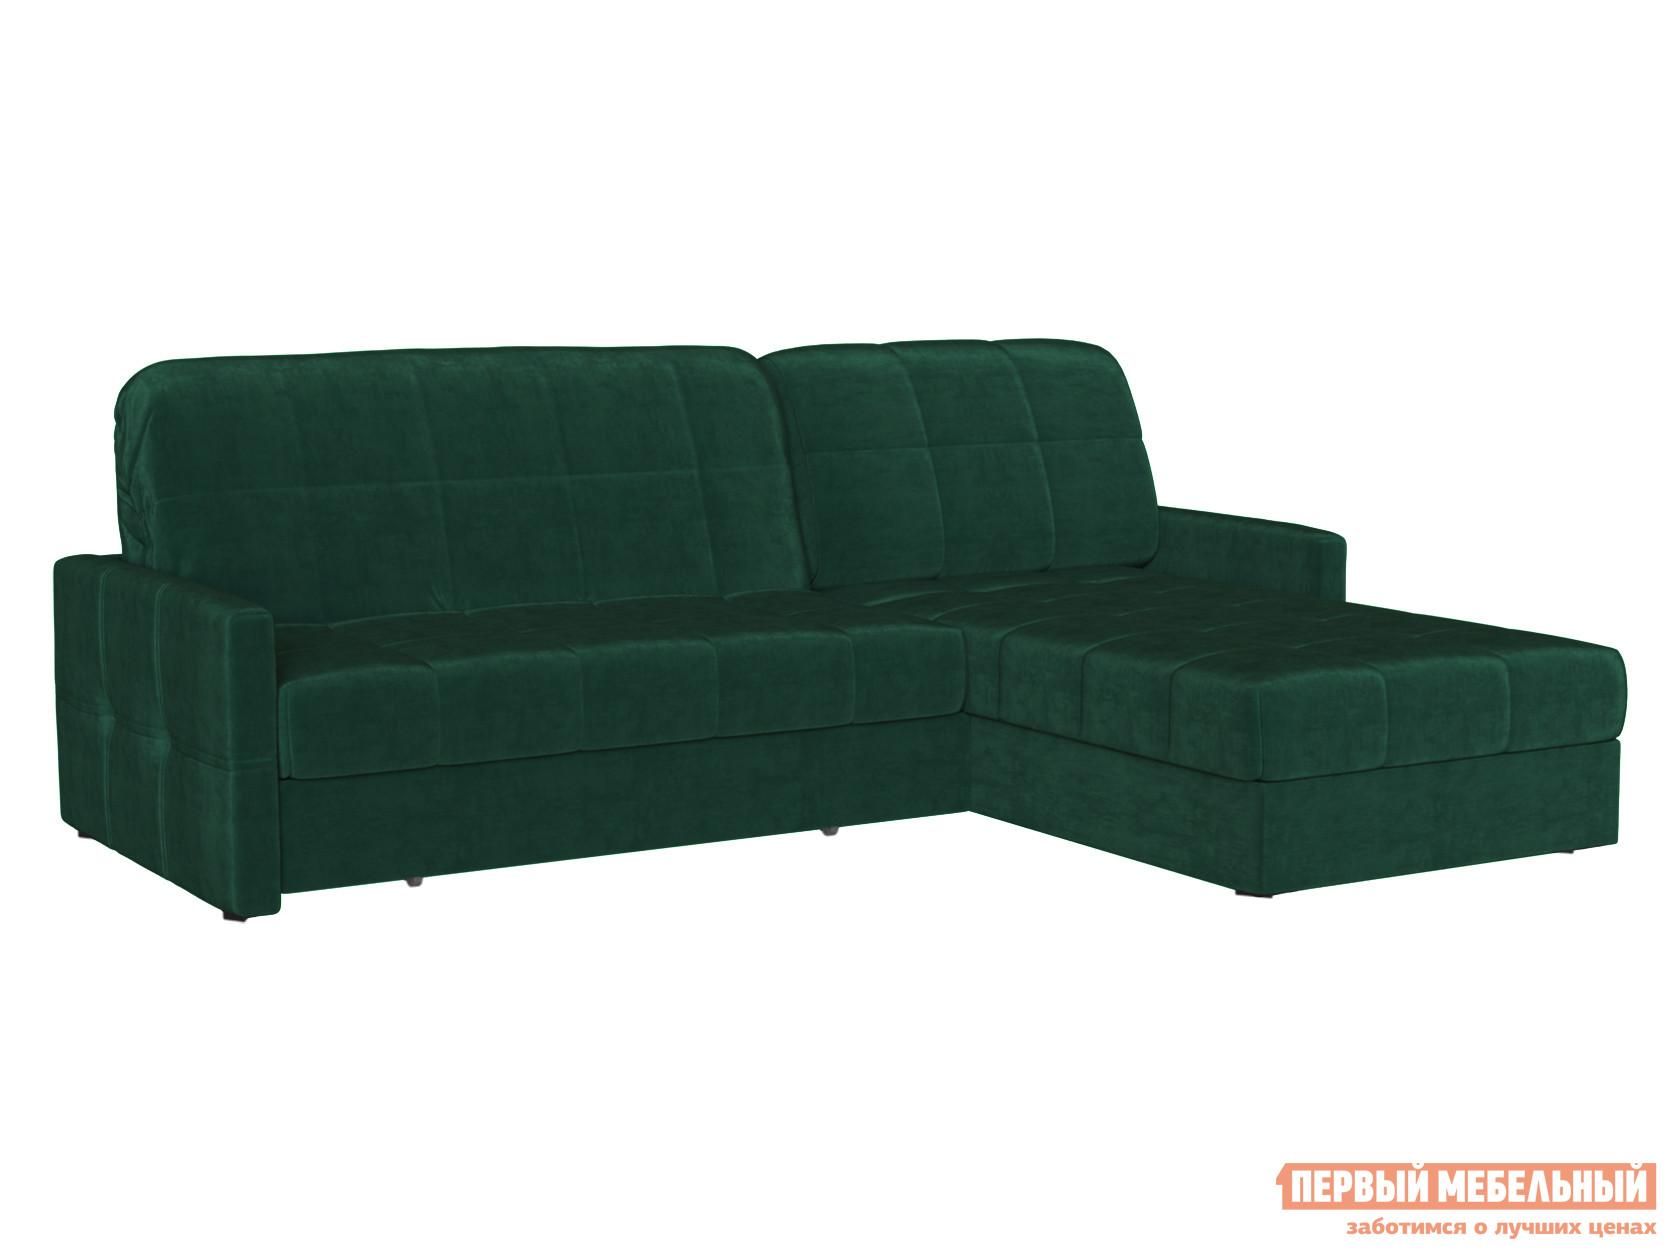 Угловой диван Первый Мебельный Диван Неро с оттоманкой